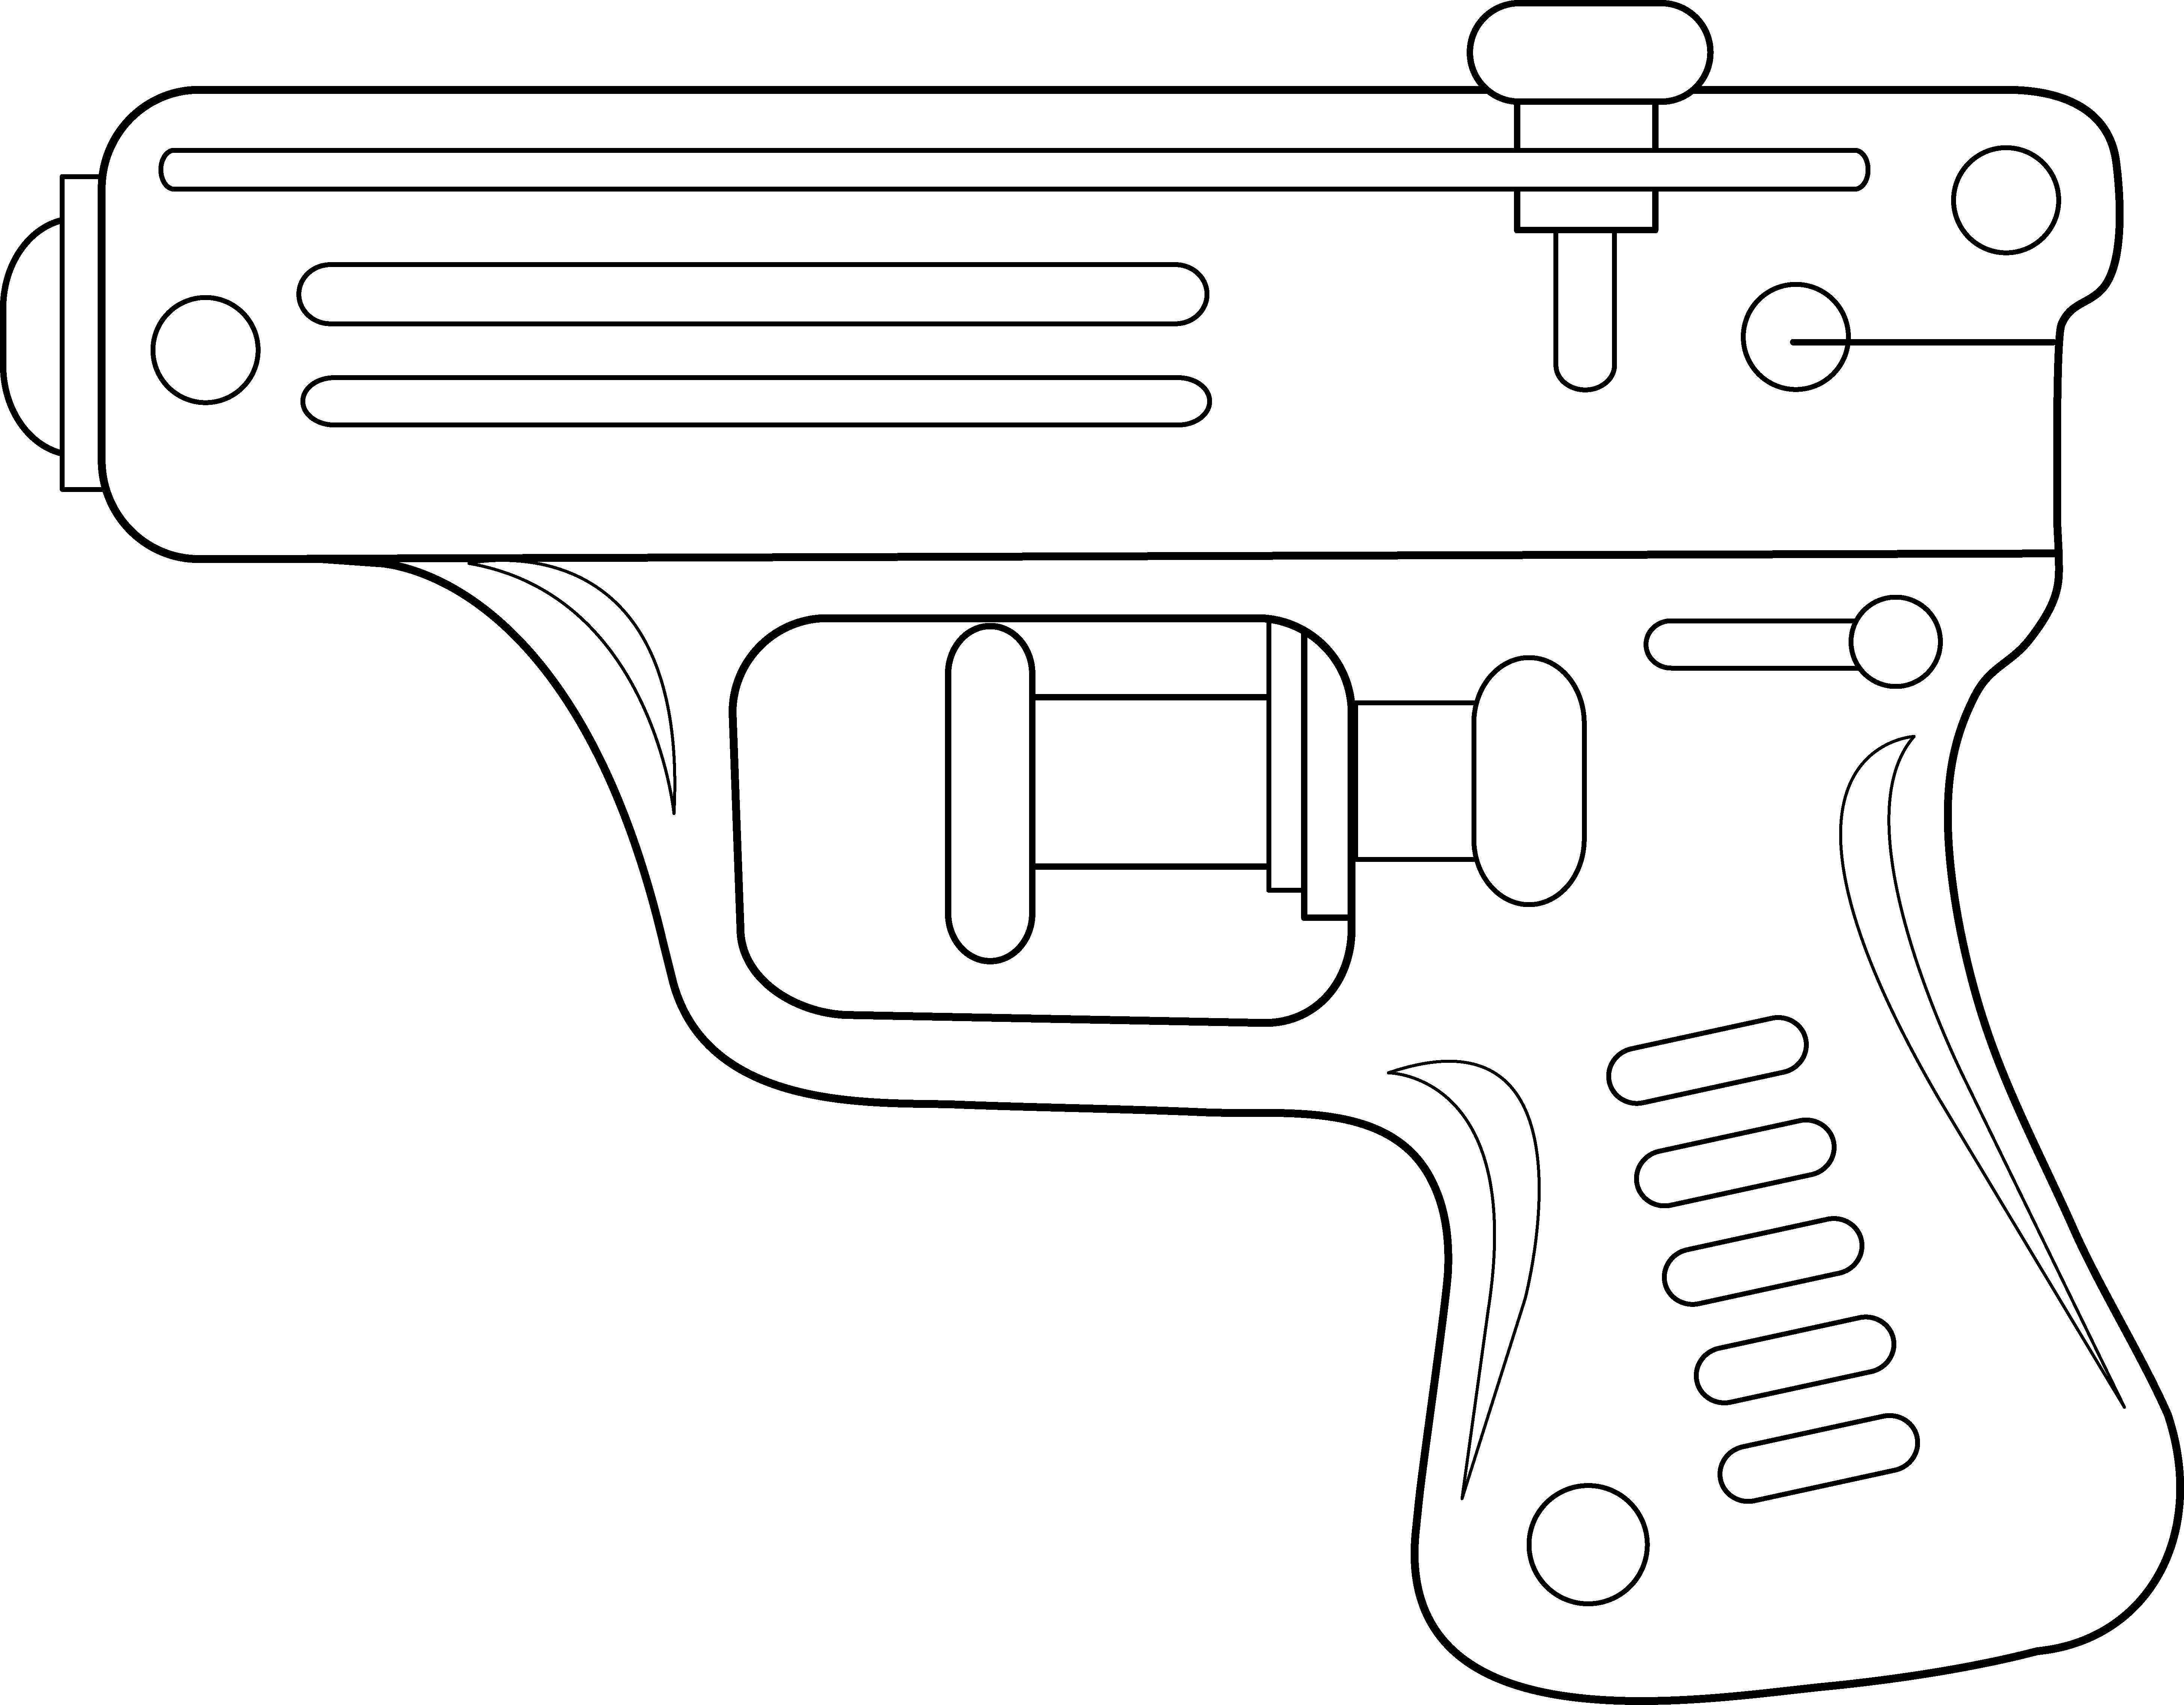 Cowboy clipart pistol. Squirt gun line art